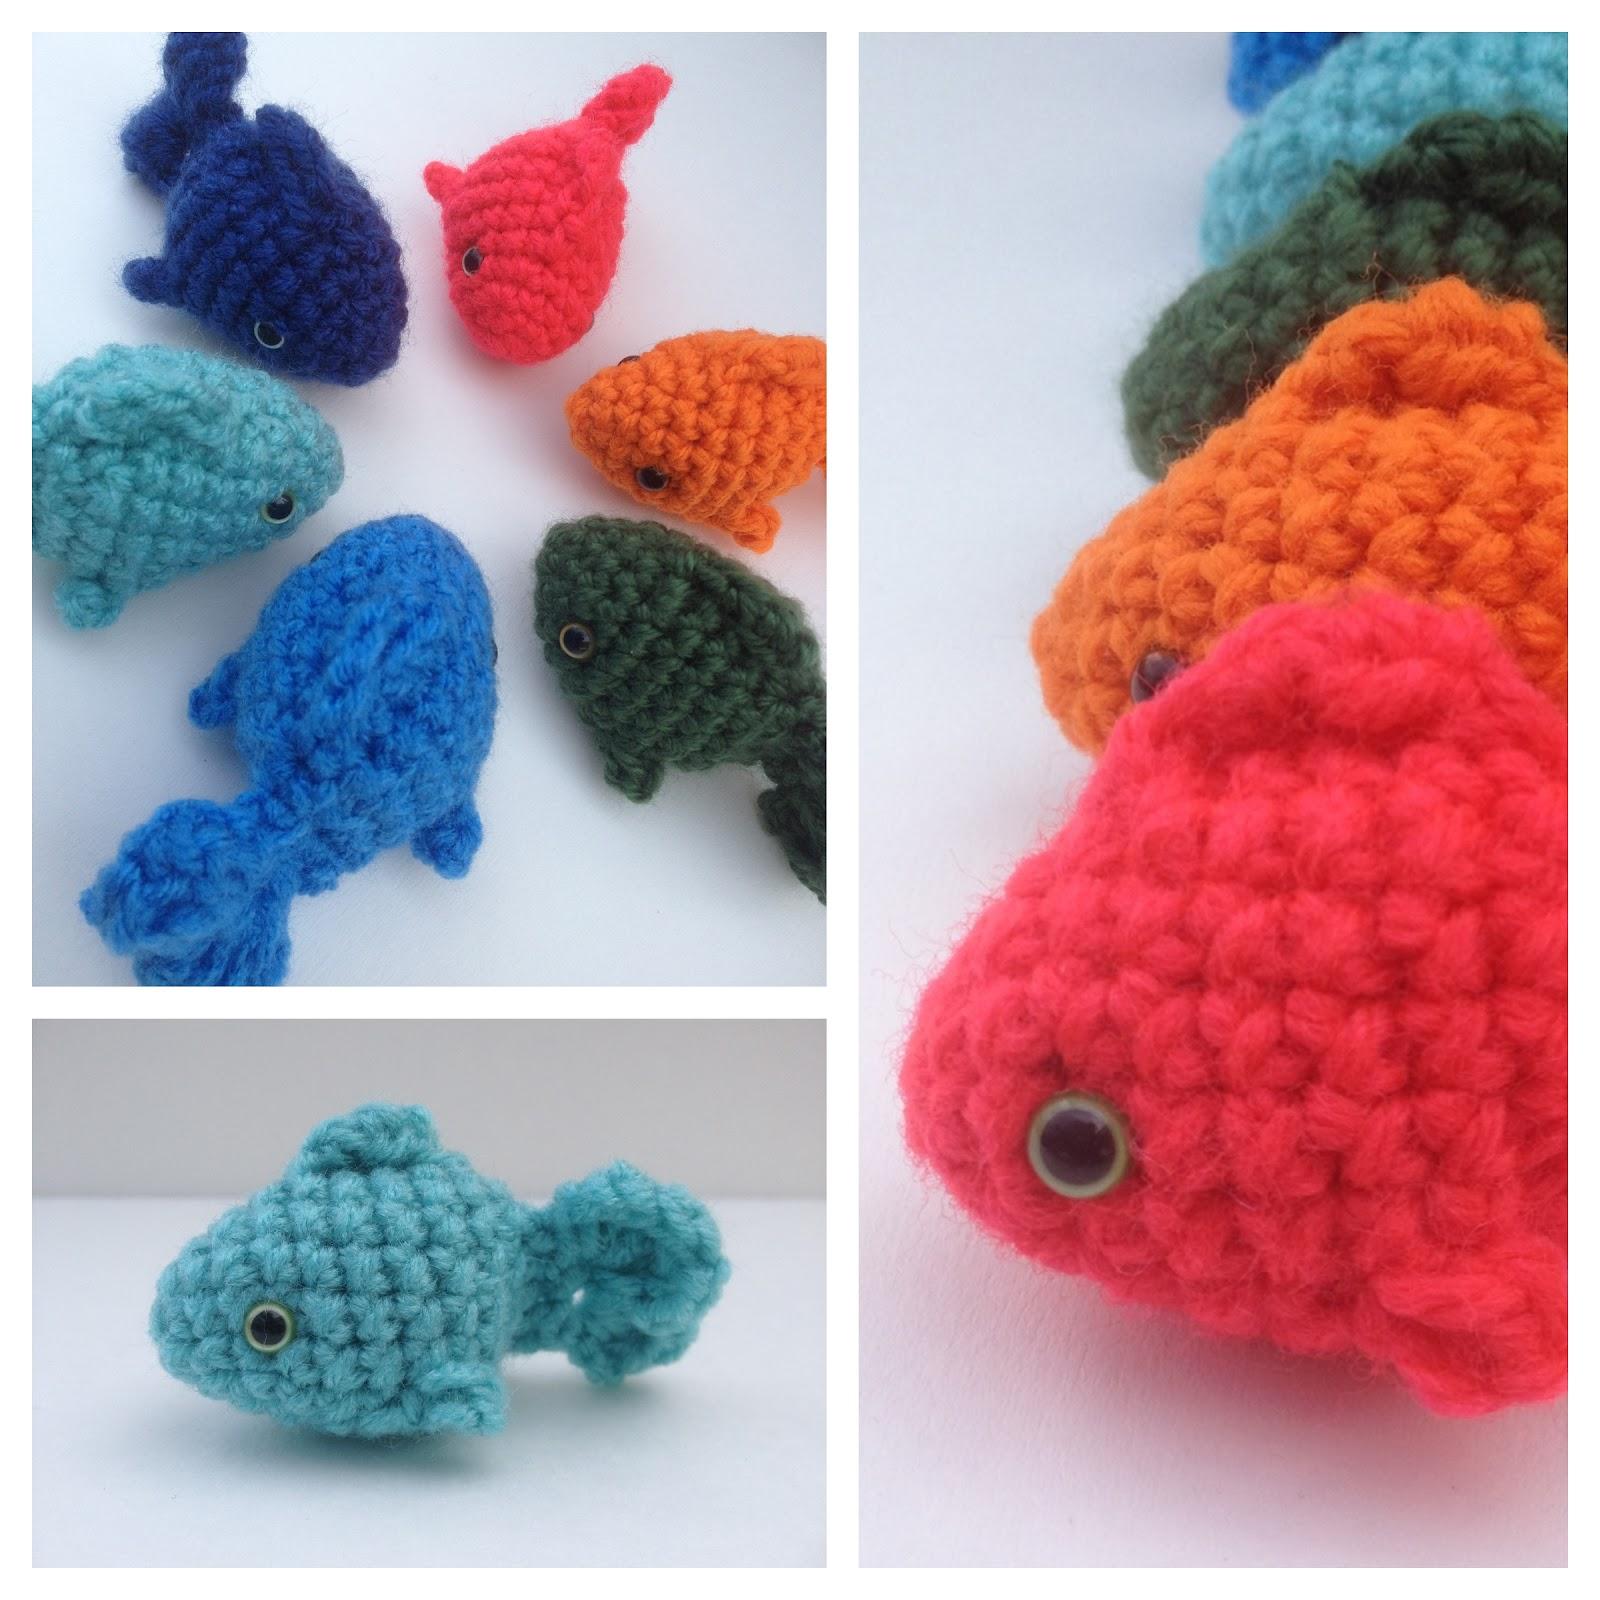 The Itsy Bitsy Spider Crochet: Lil Fishy